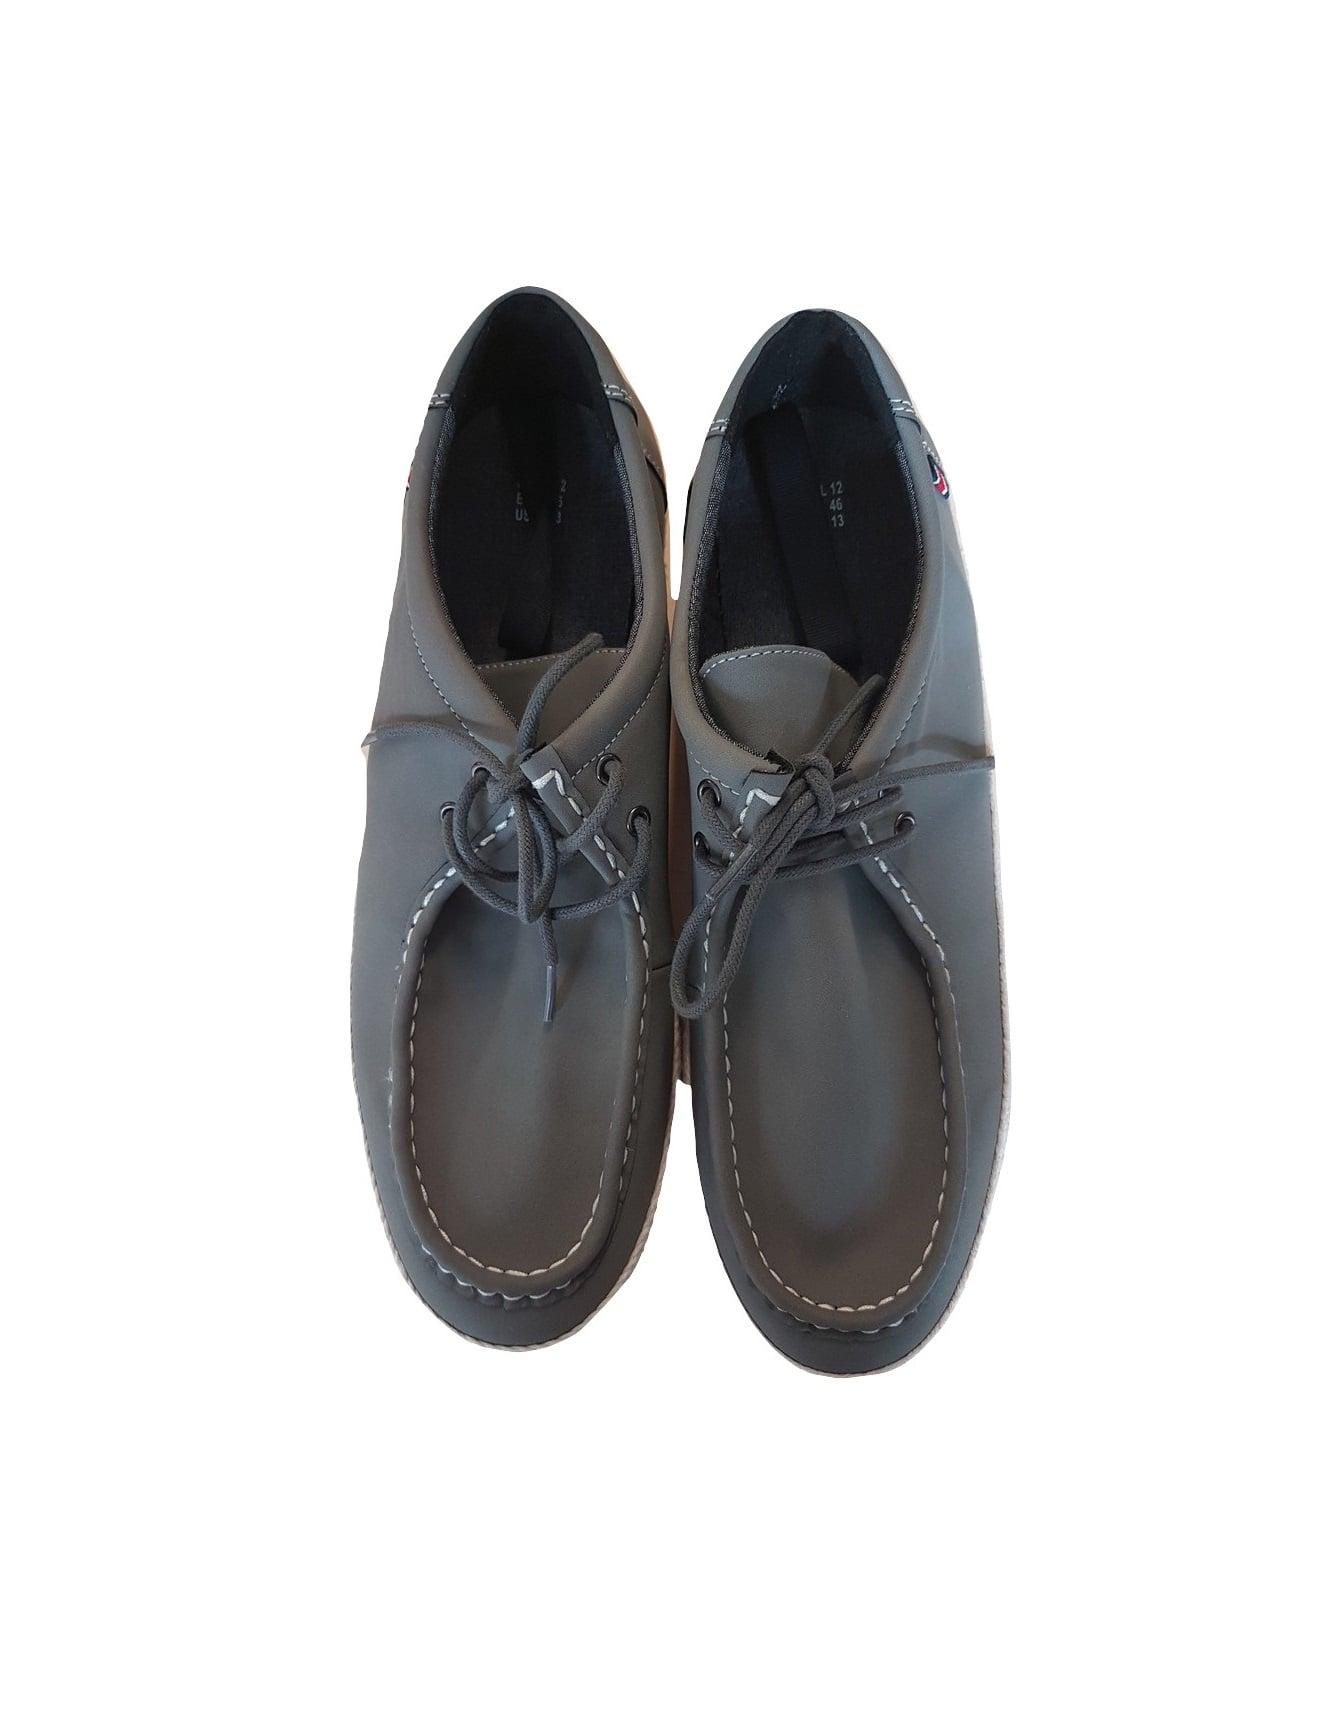 Pilki vyriški batai su raišteliais, Primark, 46 dydis